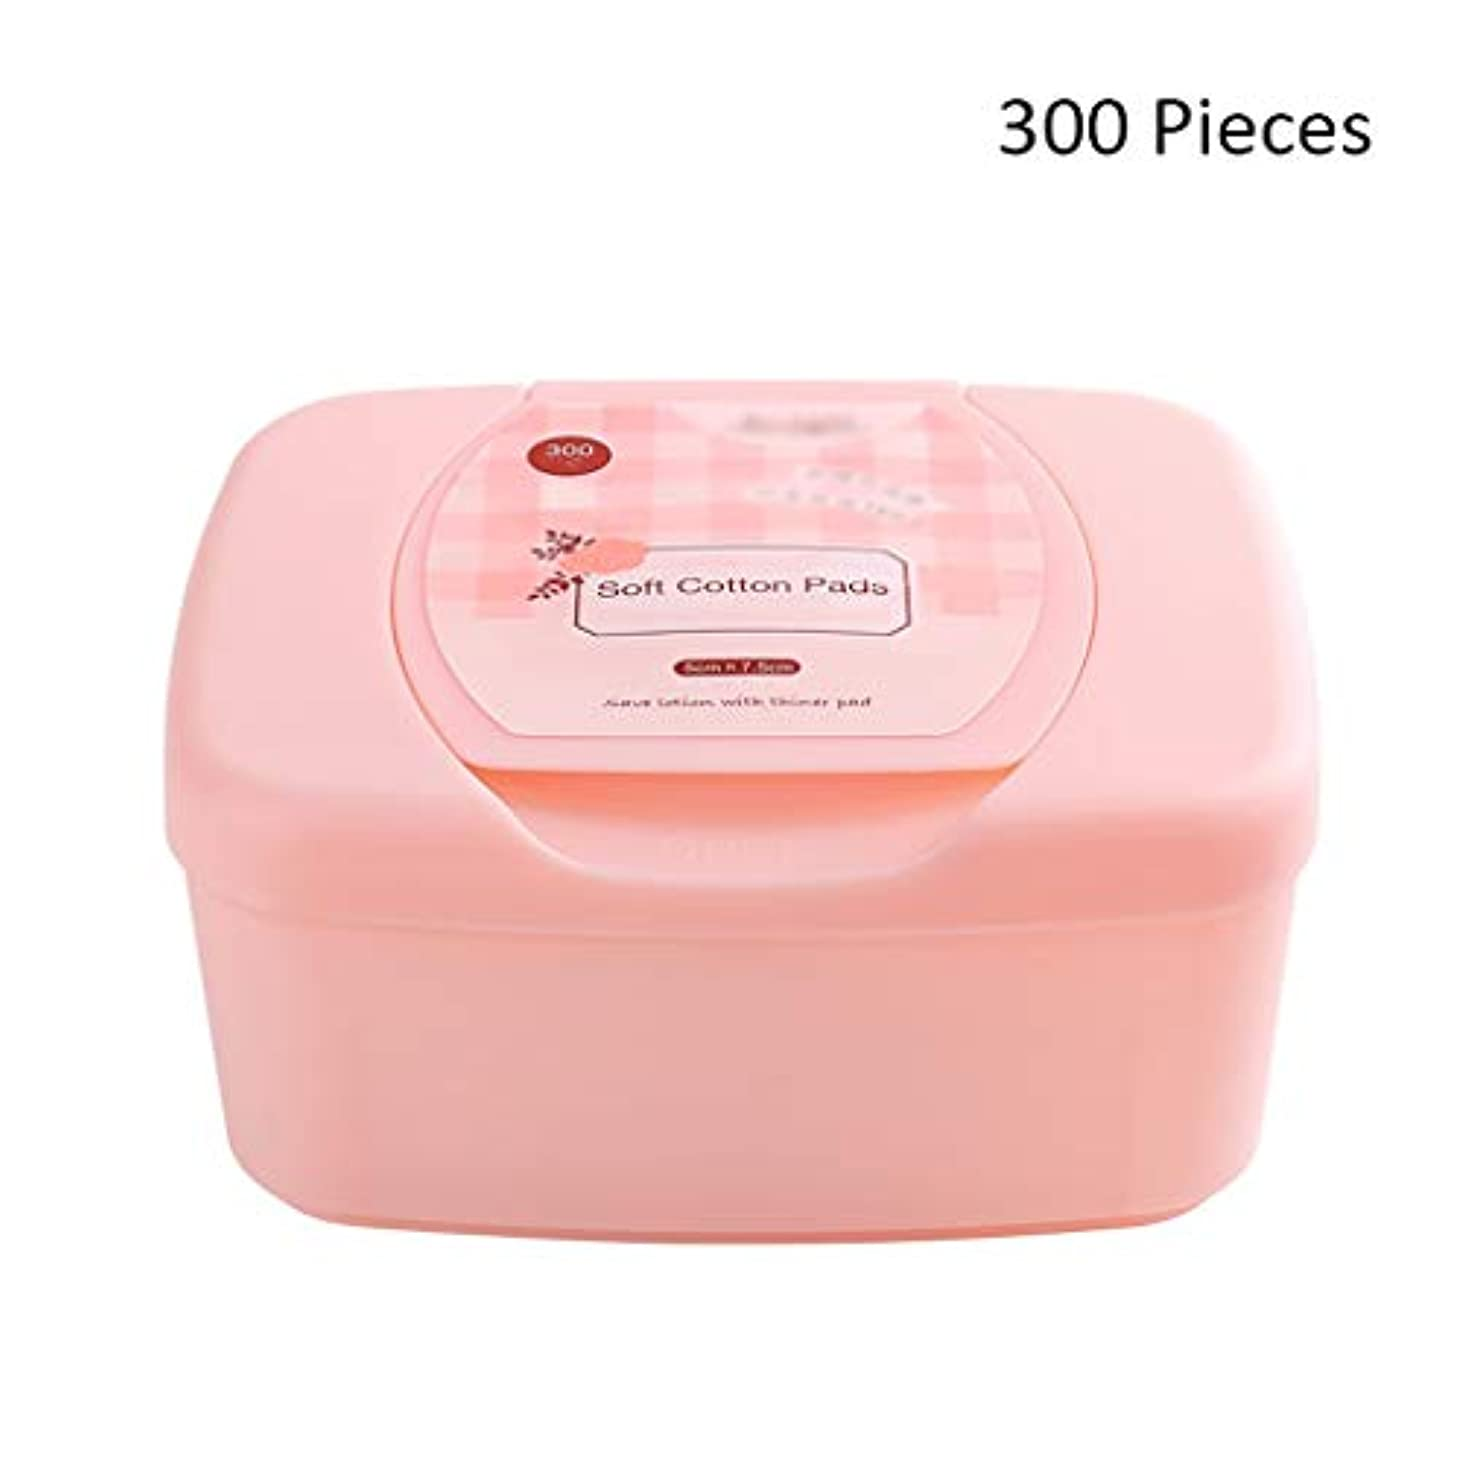 アンドリューハリディ腹痛追加300ピース抽出有機フェイスメイク落としソフトメイク落としパッド化粧品フェイスワイプマスクケアクレンジングコットン (Color : Pink, サイズ : 7.5*5cm)